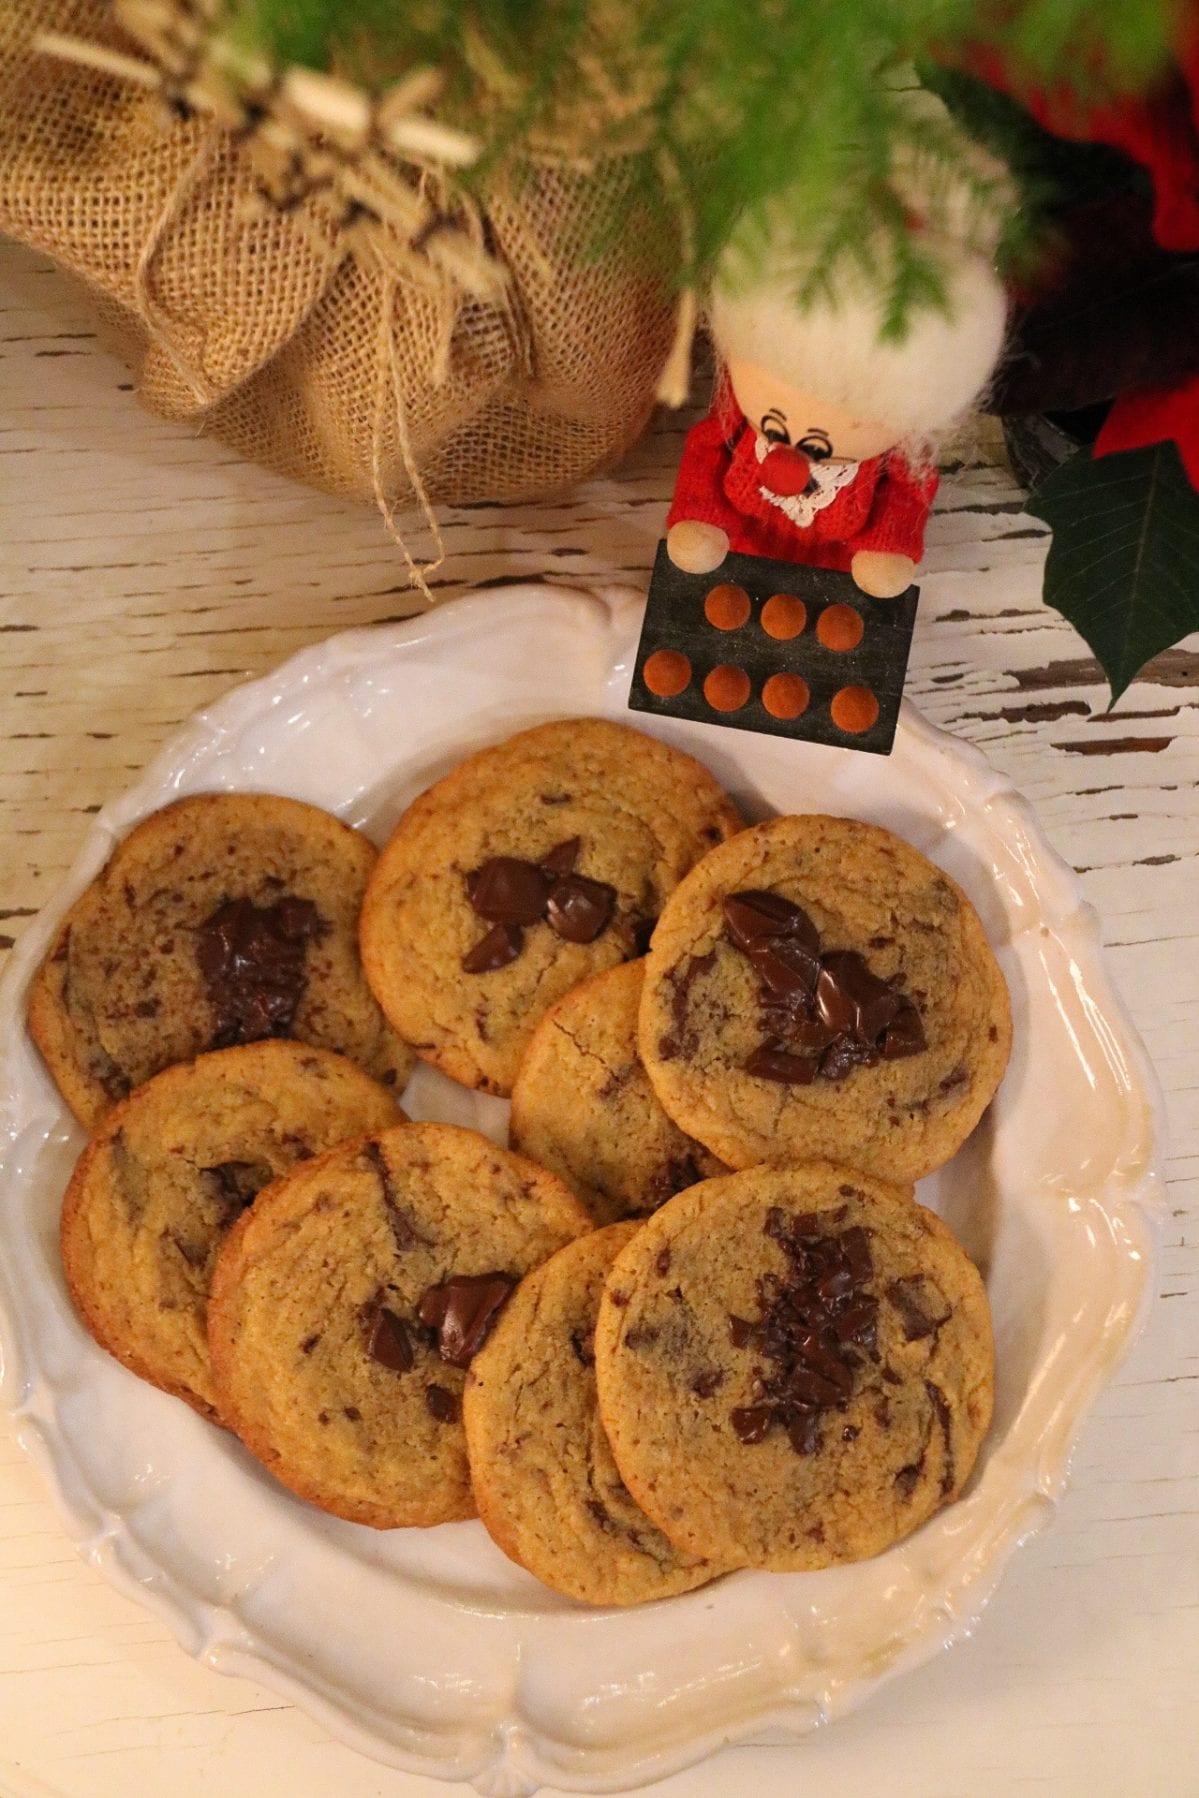 Chocolate chiip cookies